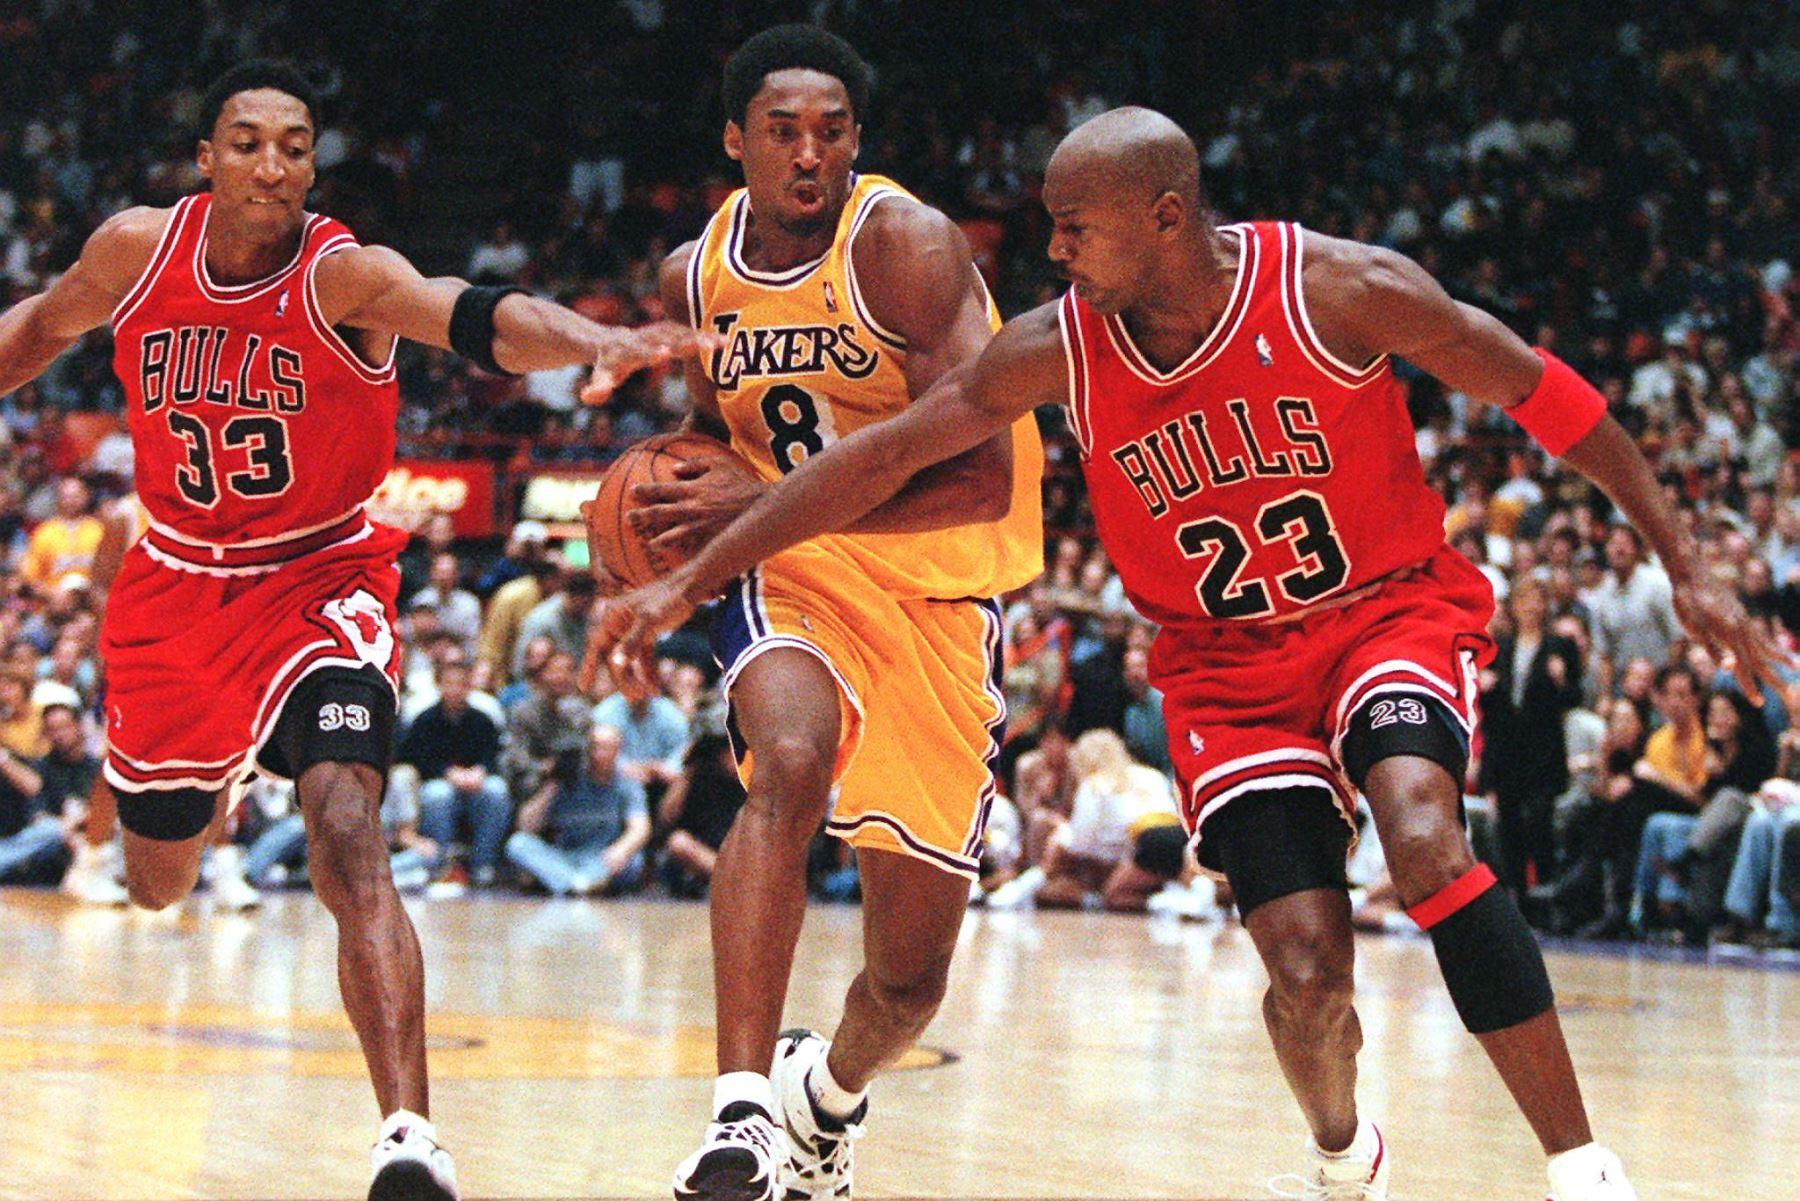 Scottie Pippen  y Michael Jordan de los Chicago Bulls intentan detener a Kobe Bryant de Los Angeles Lakers, mientras lidera un contraataque durante su juego del 01 de febrero en Los Angeles, California. Foto: AFP